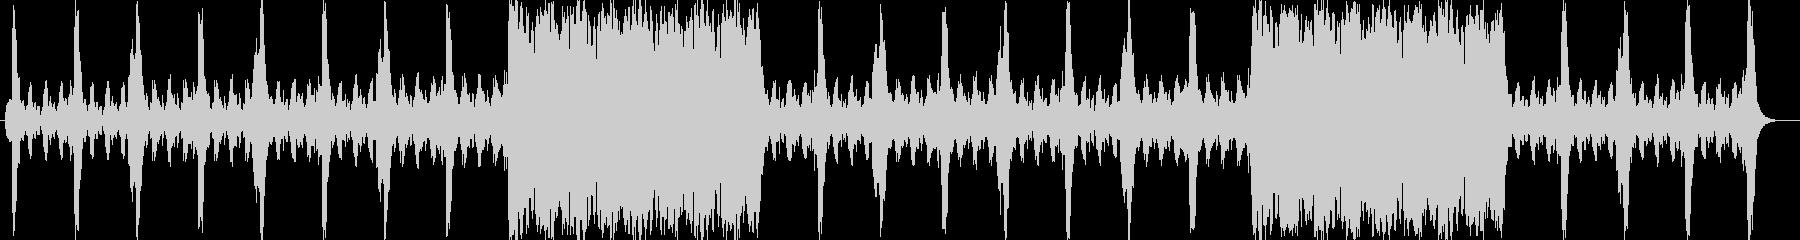 壮大なスケール感のオーケストラサウンドの未再生の波形